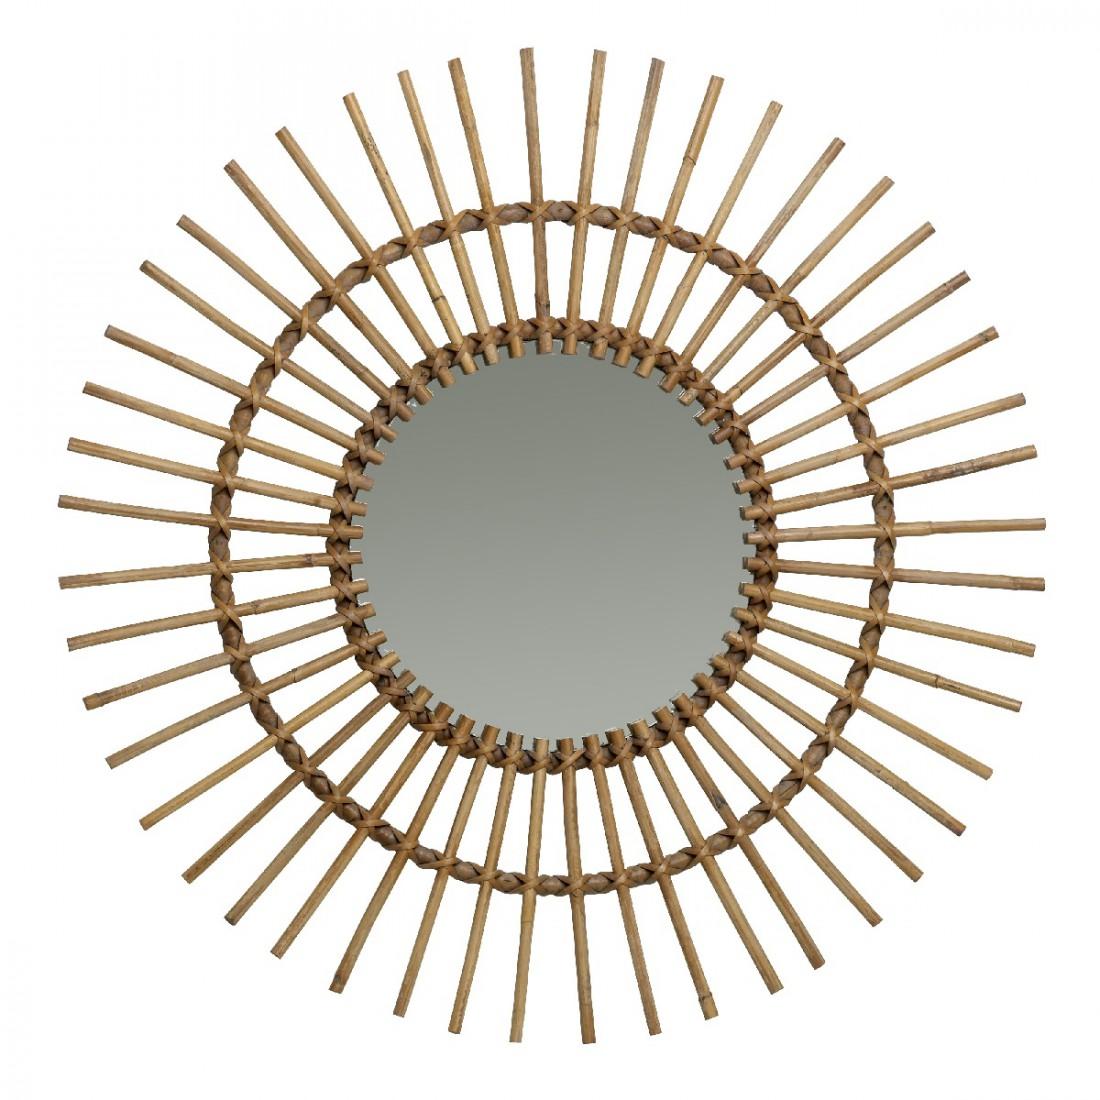 731d0b28c3f224 Miroir en rotin naturel Soleil de chez KOK MAISON. Loading zoom